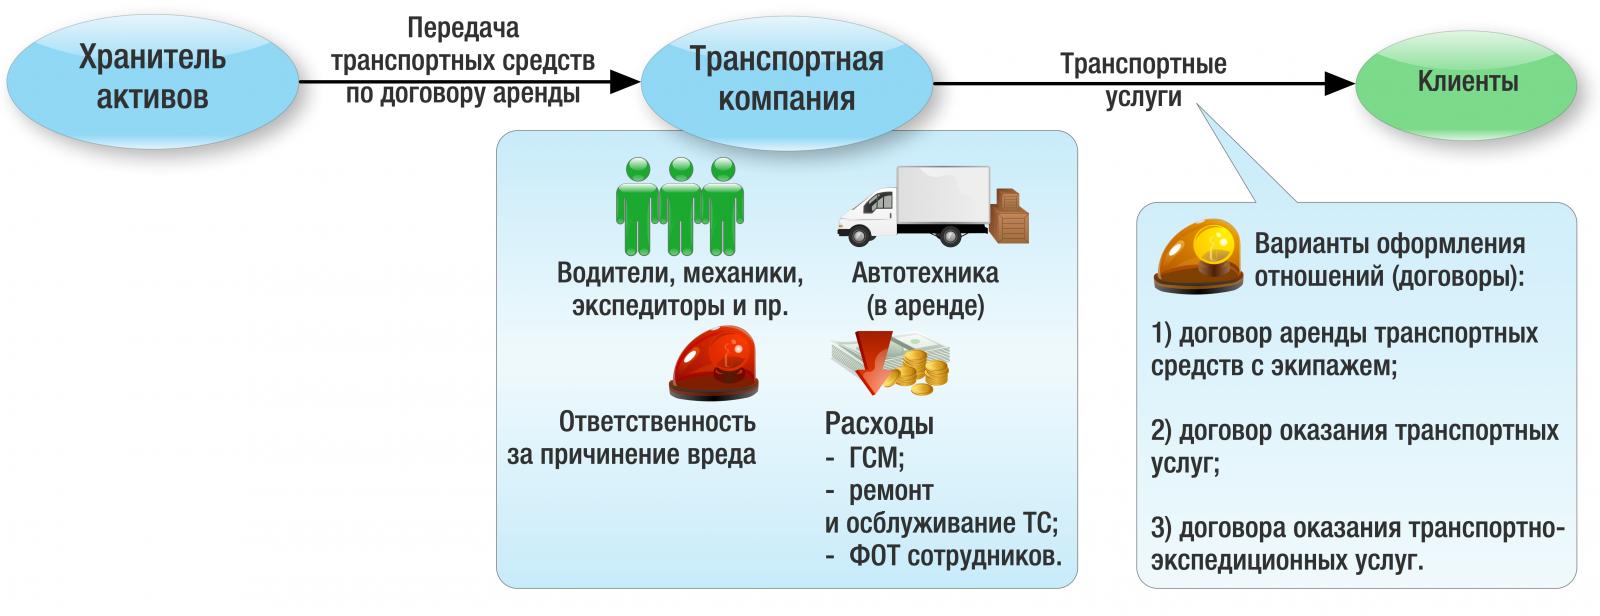 Транспортные услуги в группе компаний: примеры из практики суд предприниматель налоговая проверка документооборот